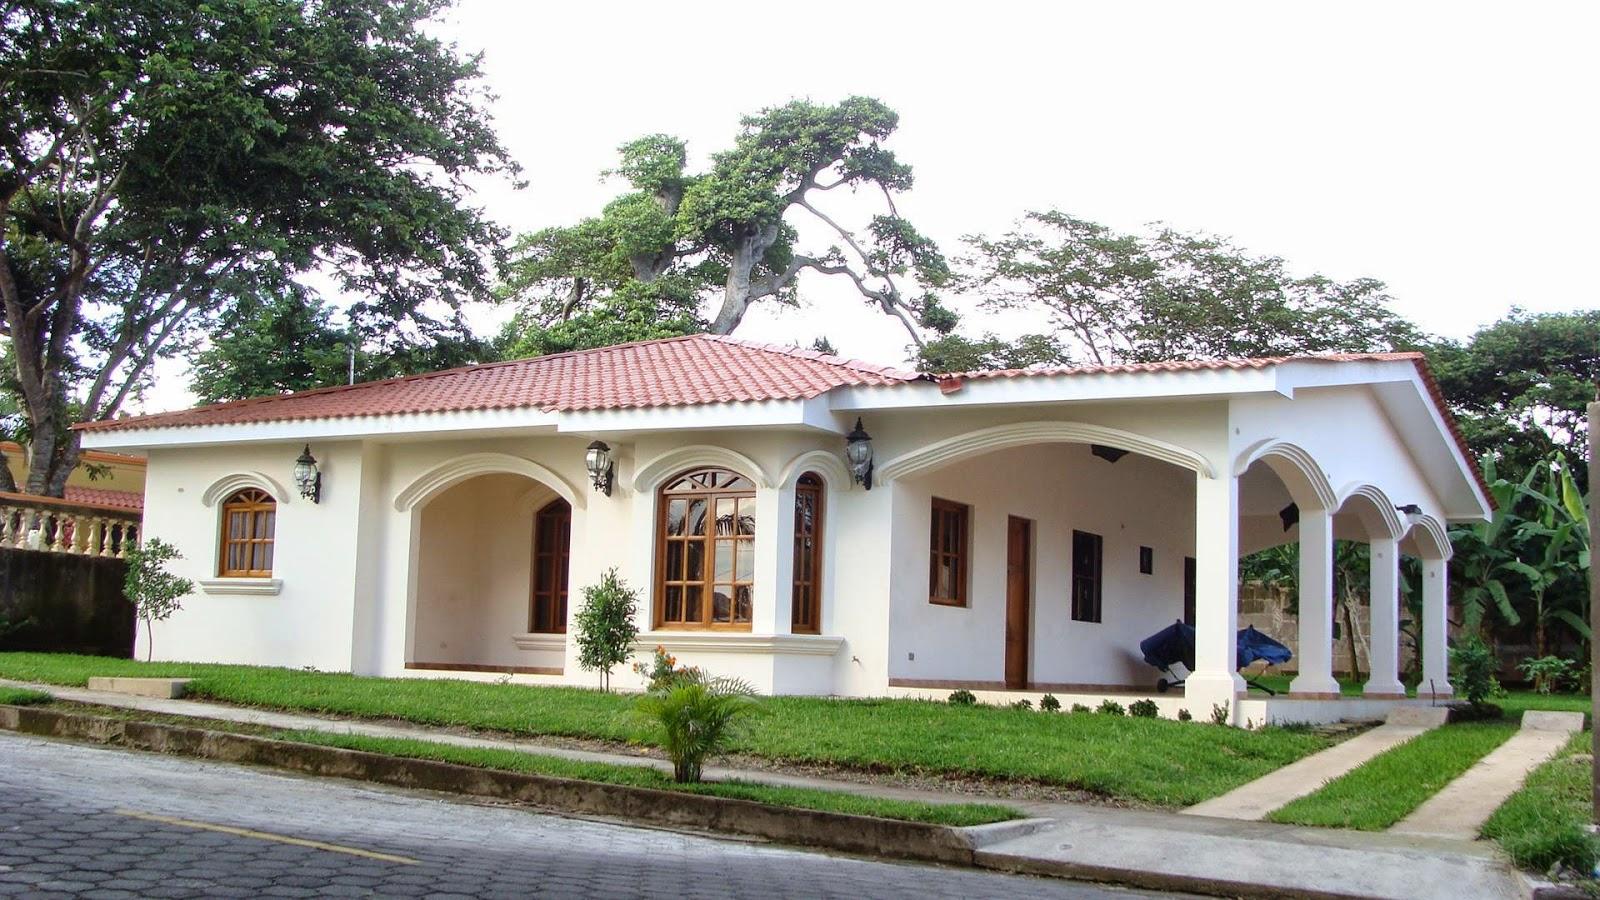 Casas financiadas en managua nicaragua nuevos proyectos for Proyectos de casas